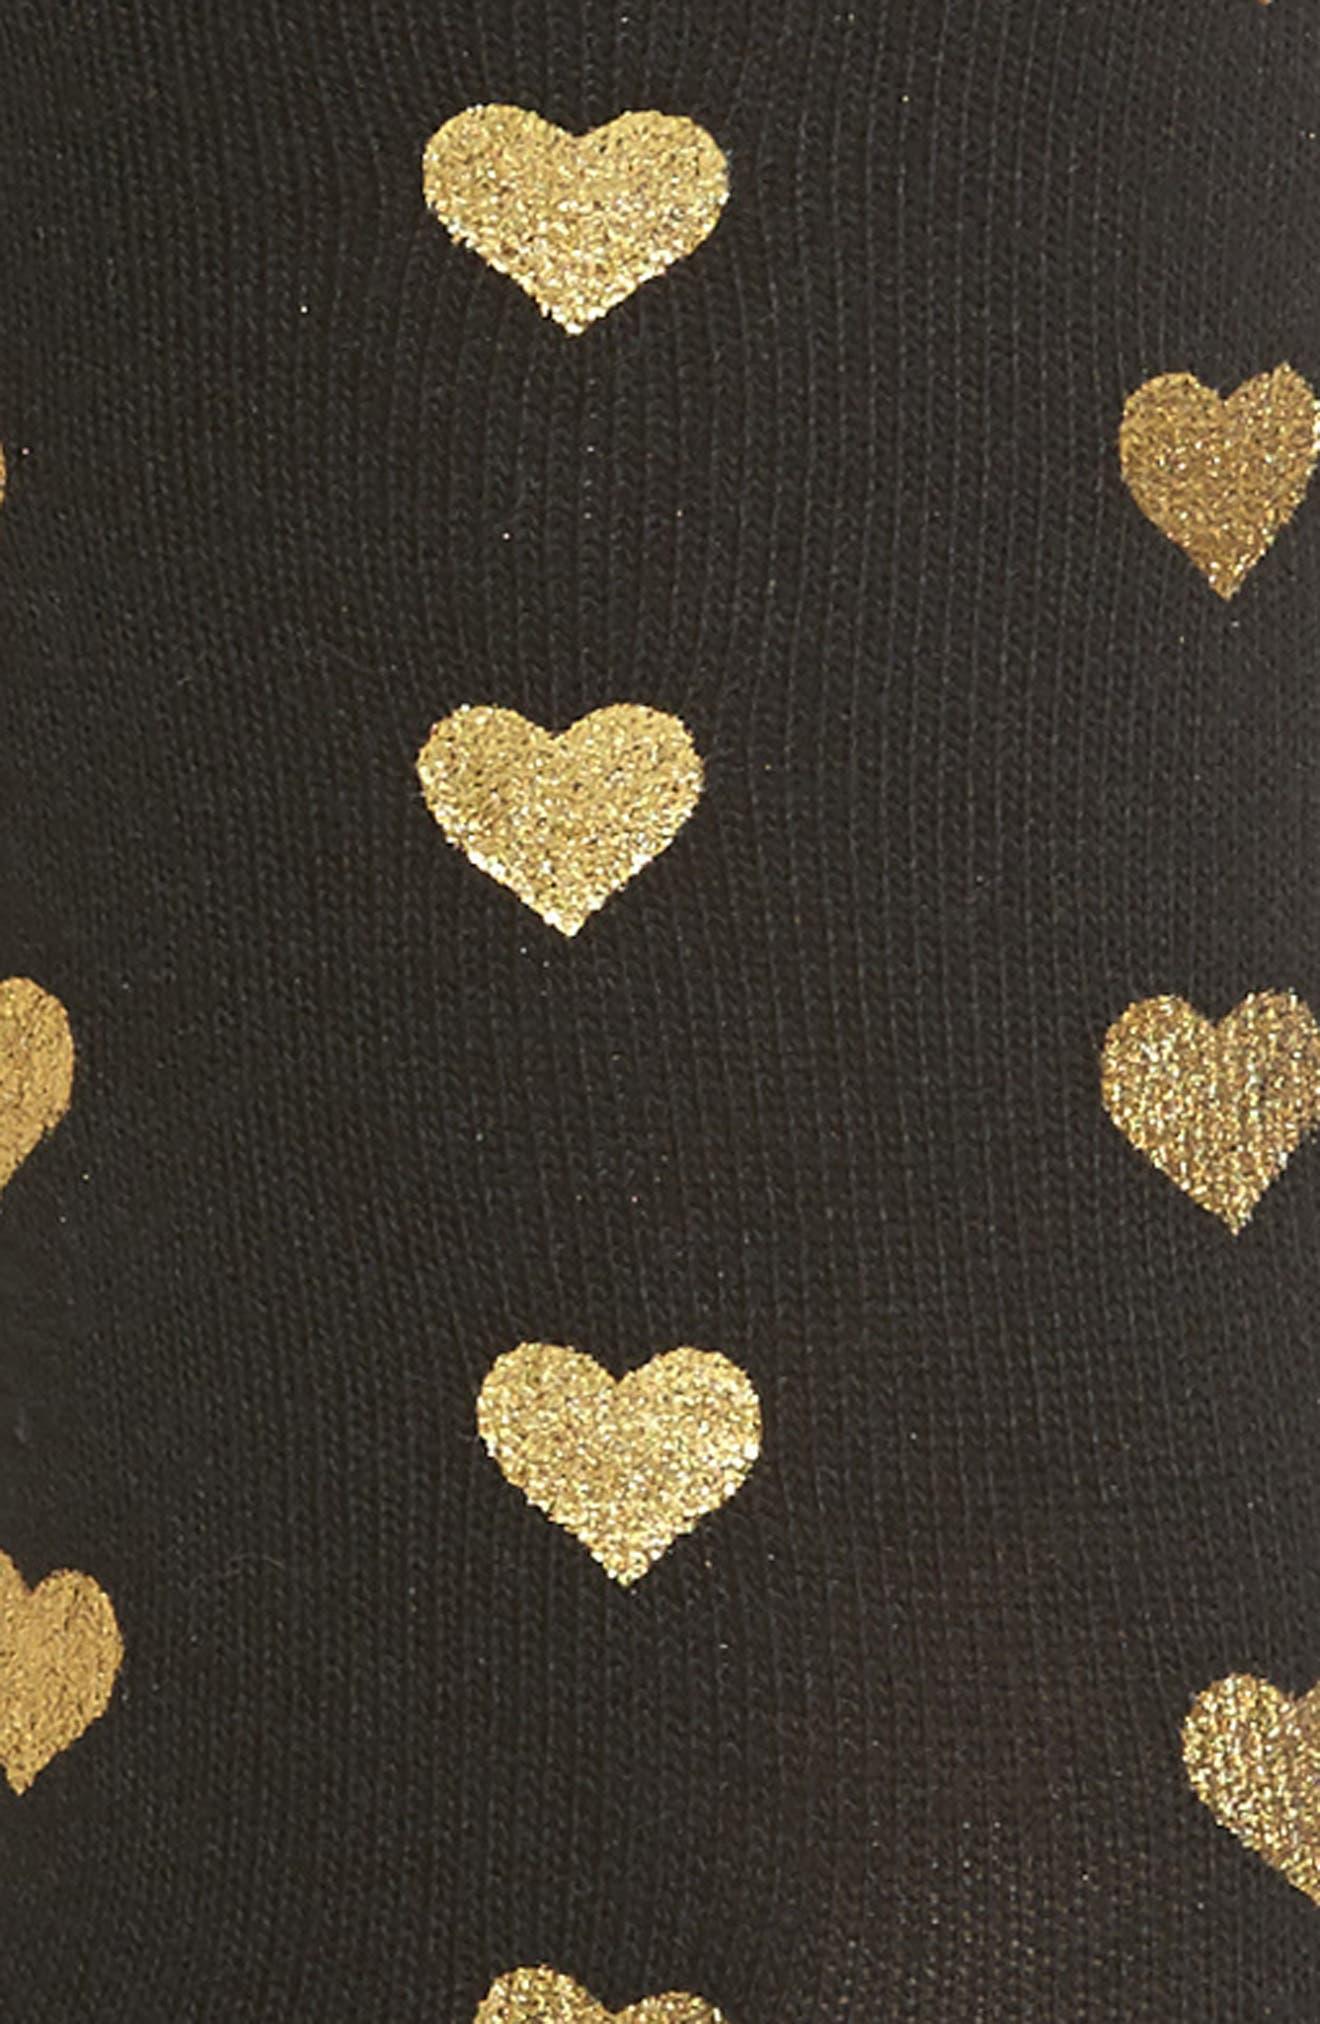 Foil Heart Crew Socks,                             Alternate thumbnail 2, color,                             Black W/Gold